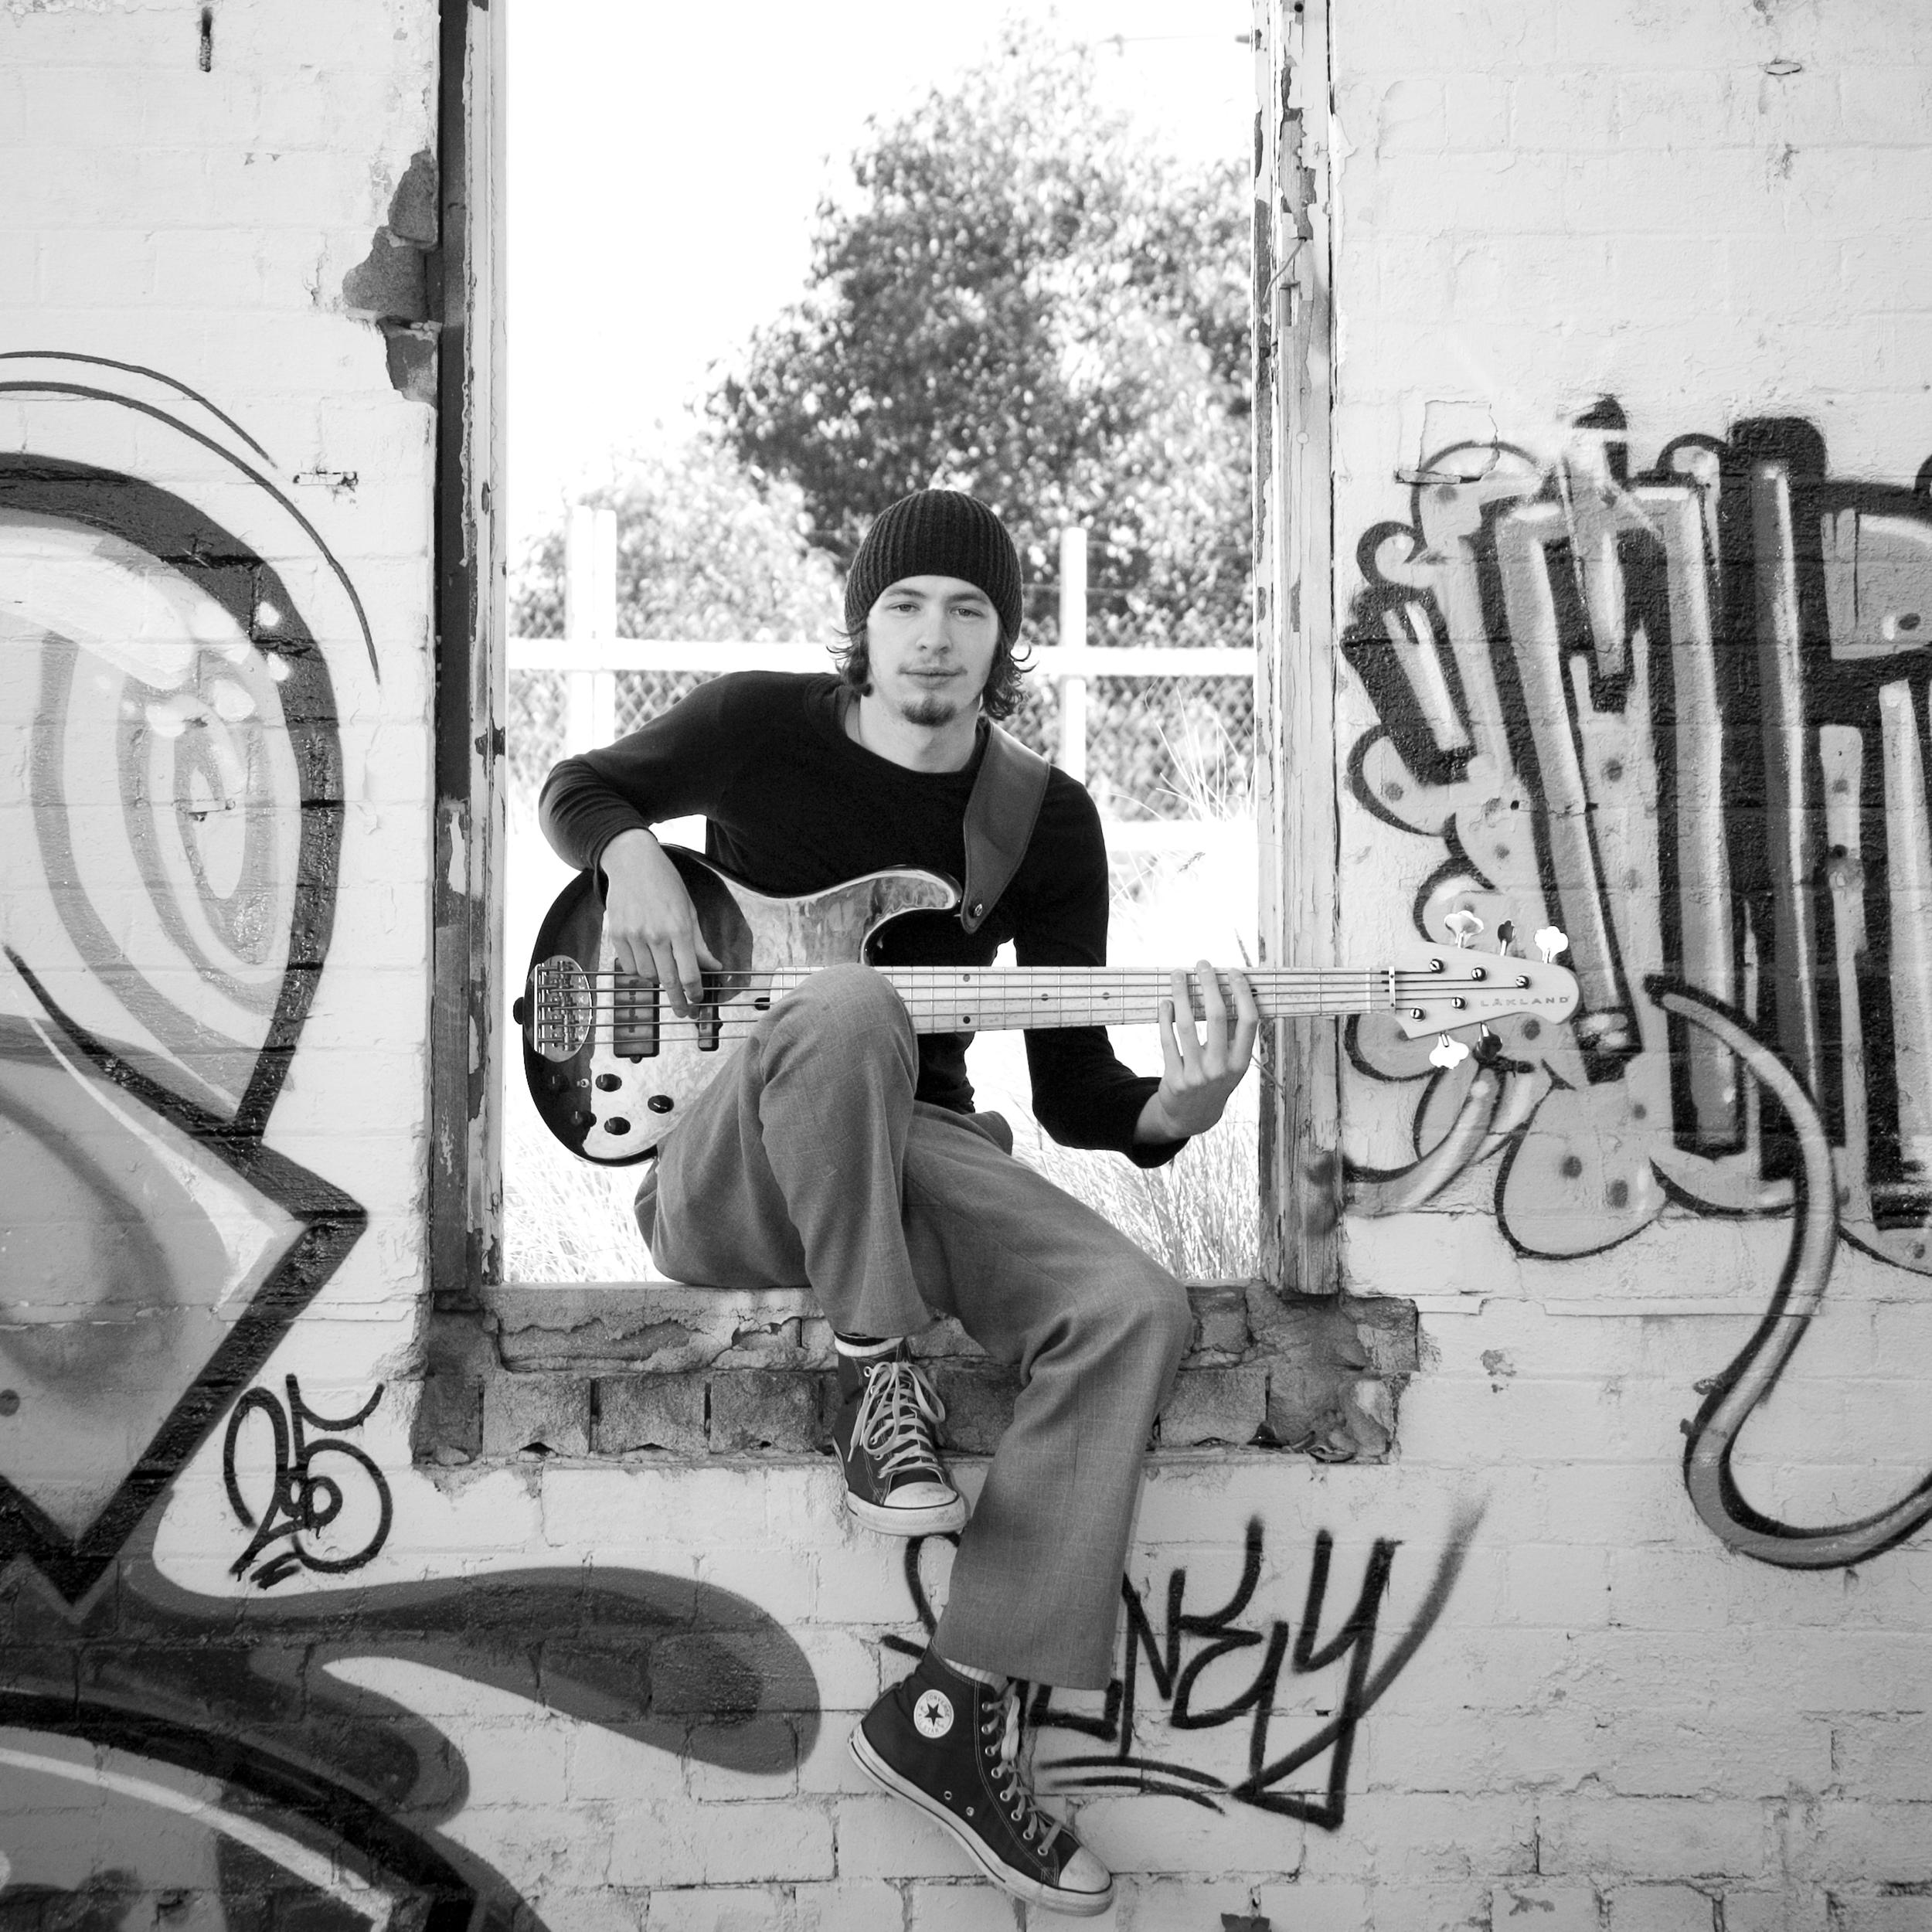 Musician promo photo